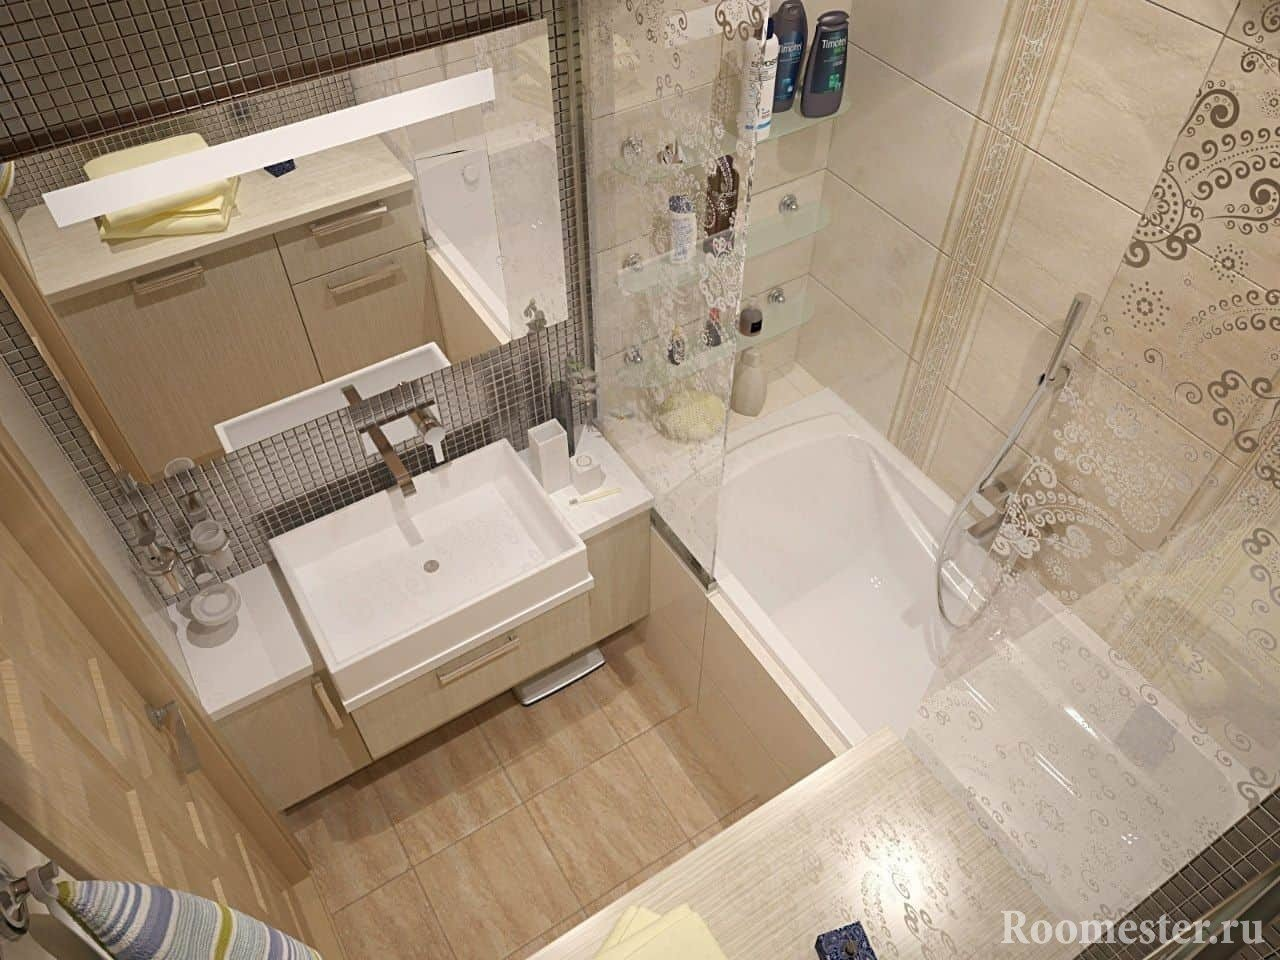 Фото ванной комнаты дизайн для панельных домов